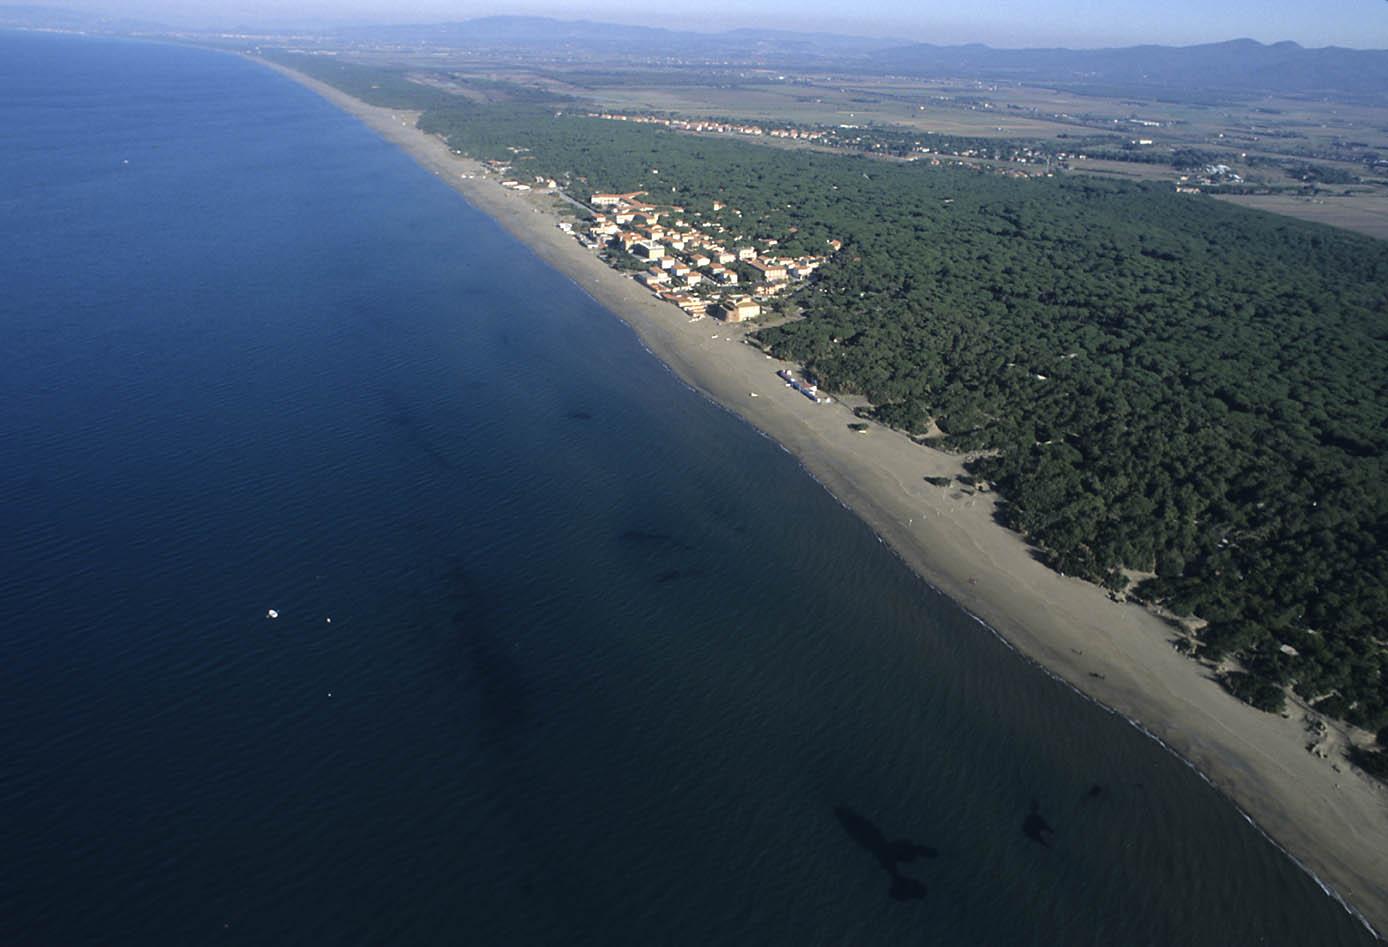 ITALIA, TOSCANA, COSTA DEGLI ETRUSCHI, Castagneto Carducci (LI), in volo col deltaplano sulla costa di Marina di Donoratico.